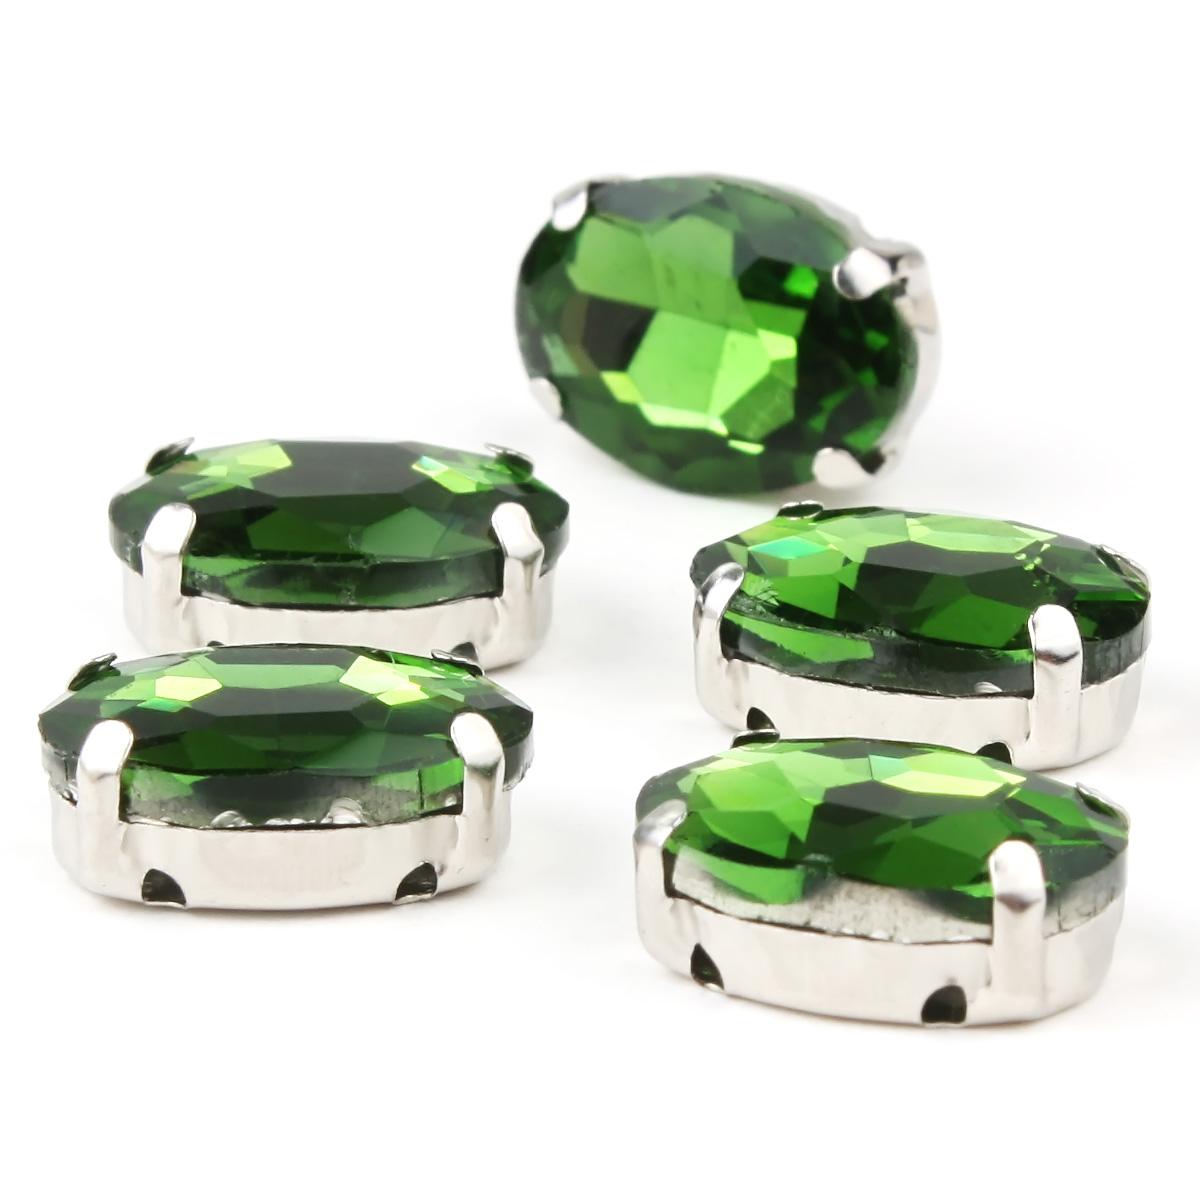 ОЦ008НН1014 Хрустальные стразы в цапах овальной формы, зеленый 10х14 мм, 5 шт.